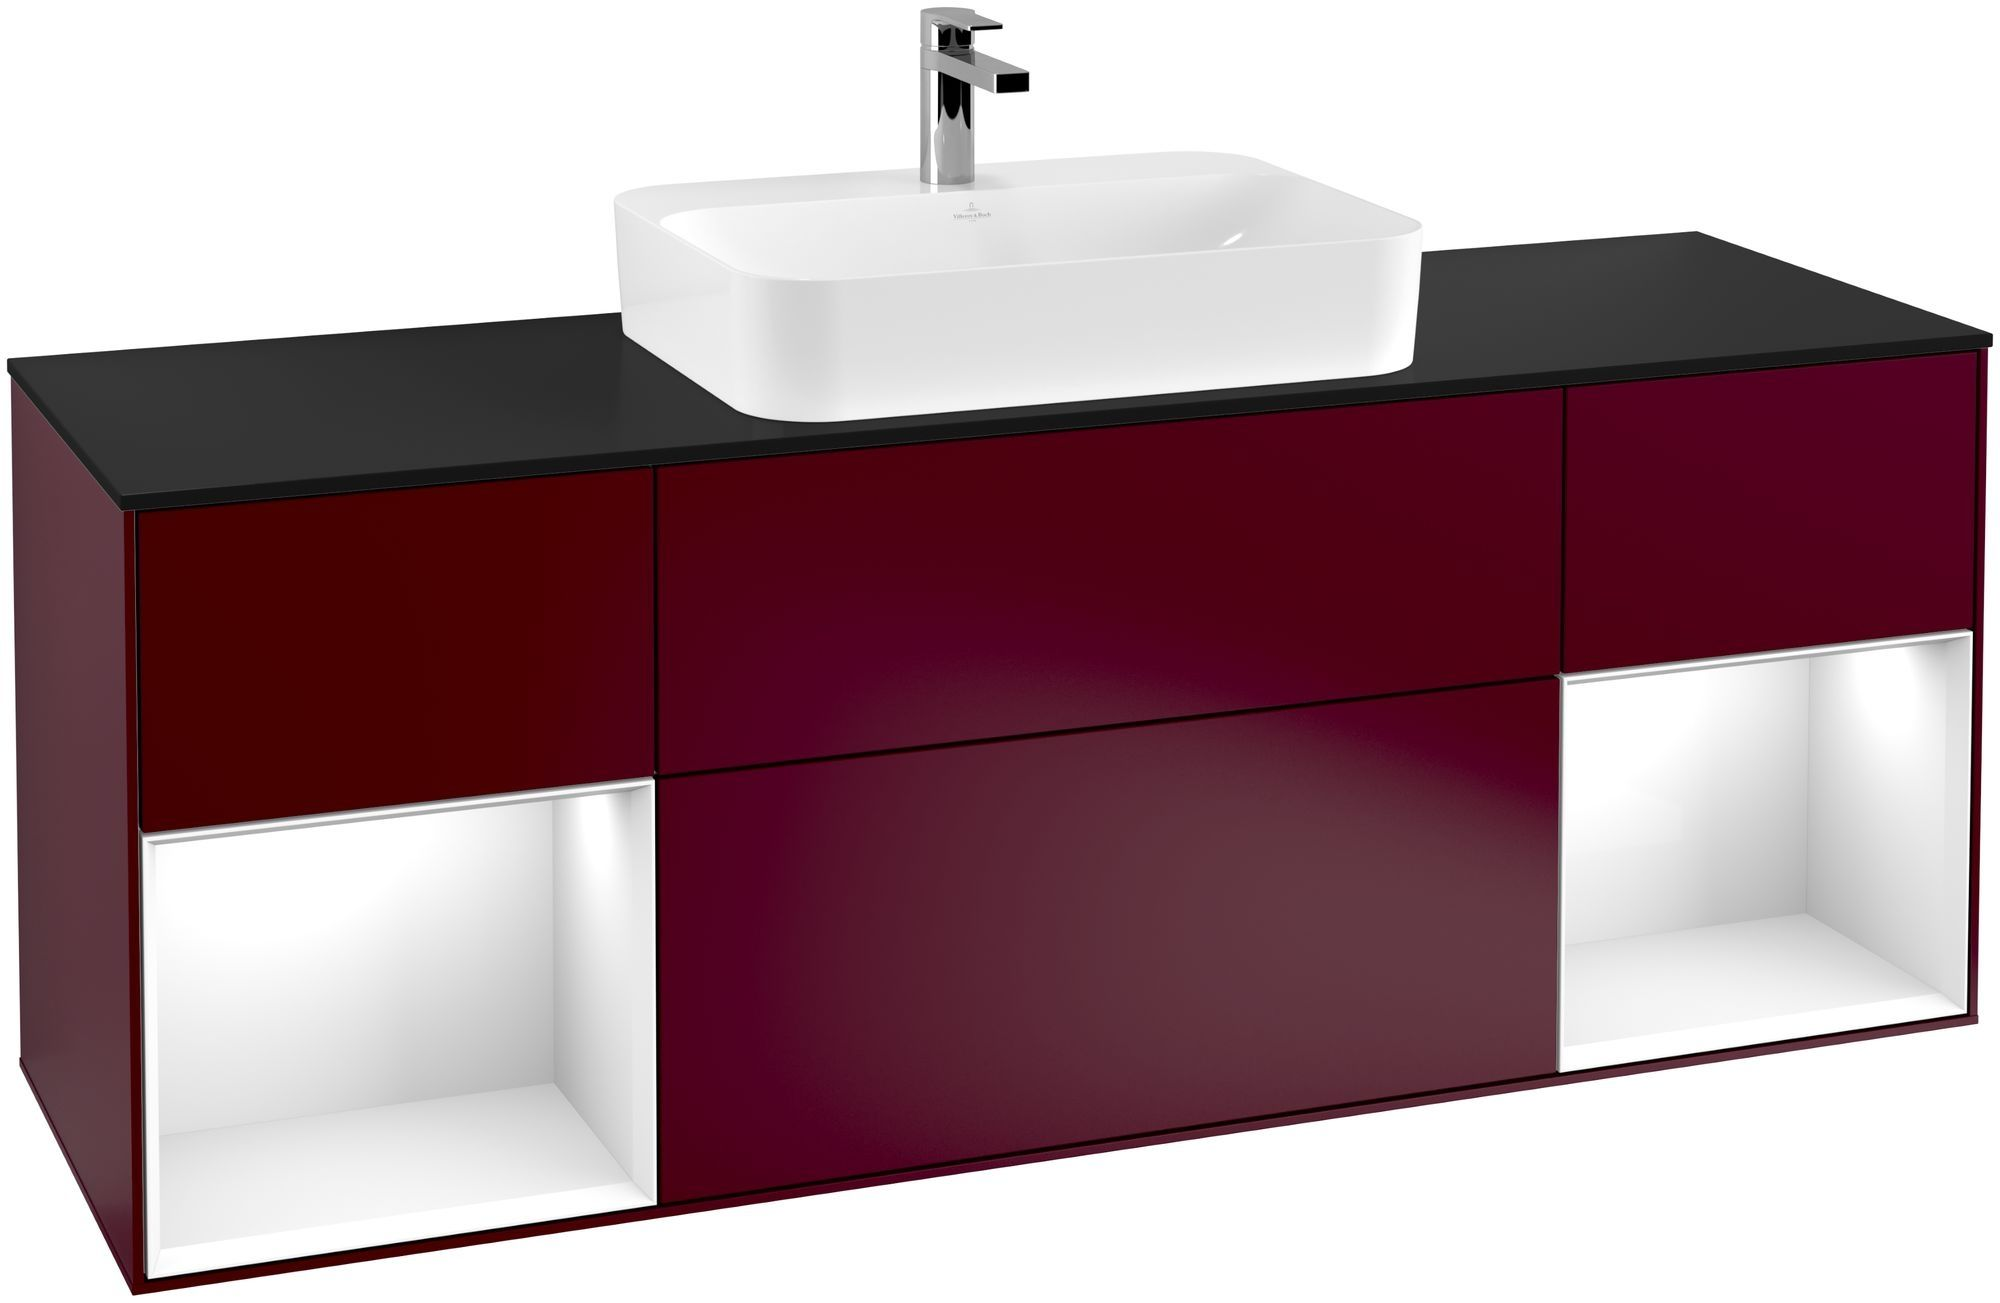 Villeroy & Boch Finion F45 Waschtischunterschrank mit Regalelement 4 Auszüge Waschtisch mittig LED-Beleuchtung B:160xH:60,3xT:50,1cm Front, Korpus: Peony, Regal: Glossy White Lack, Glasplatte: Black Matt F452GFHB